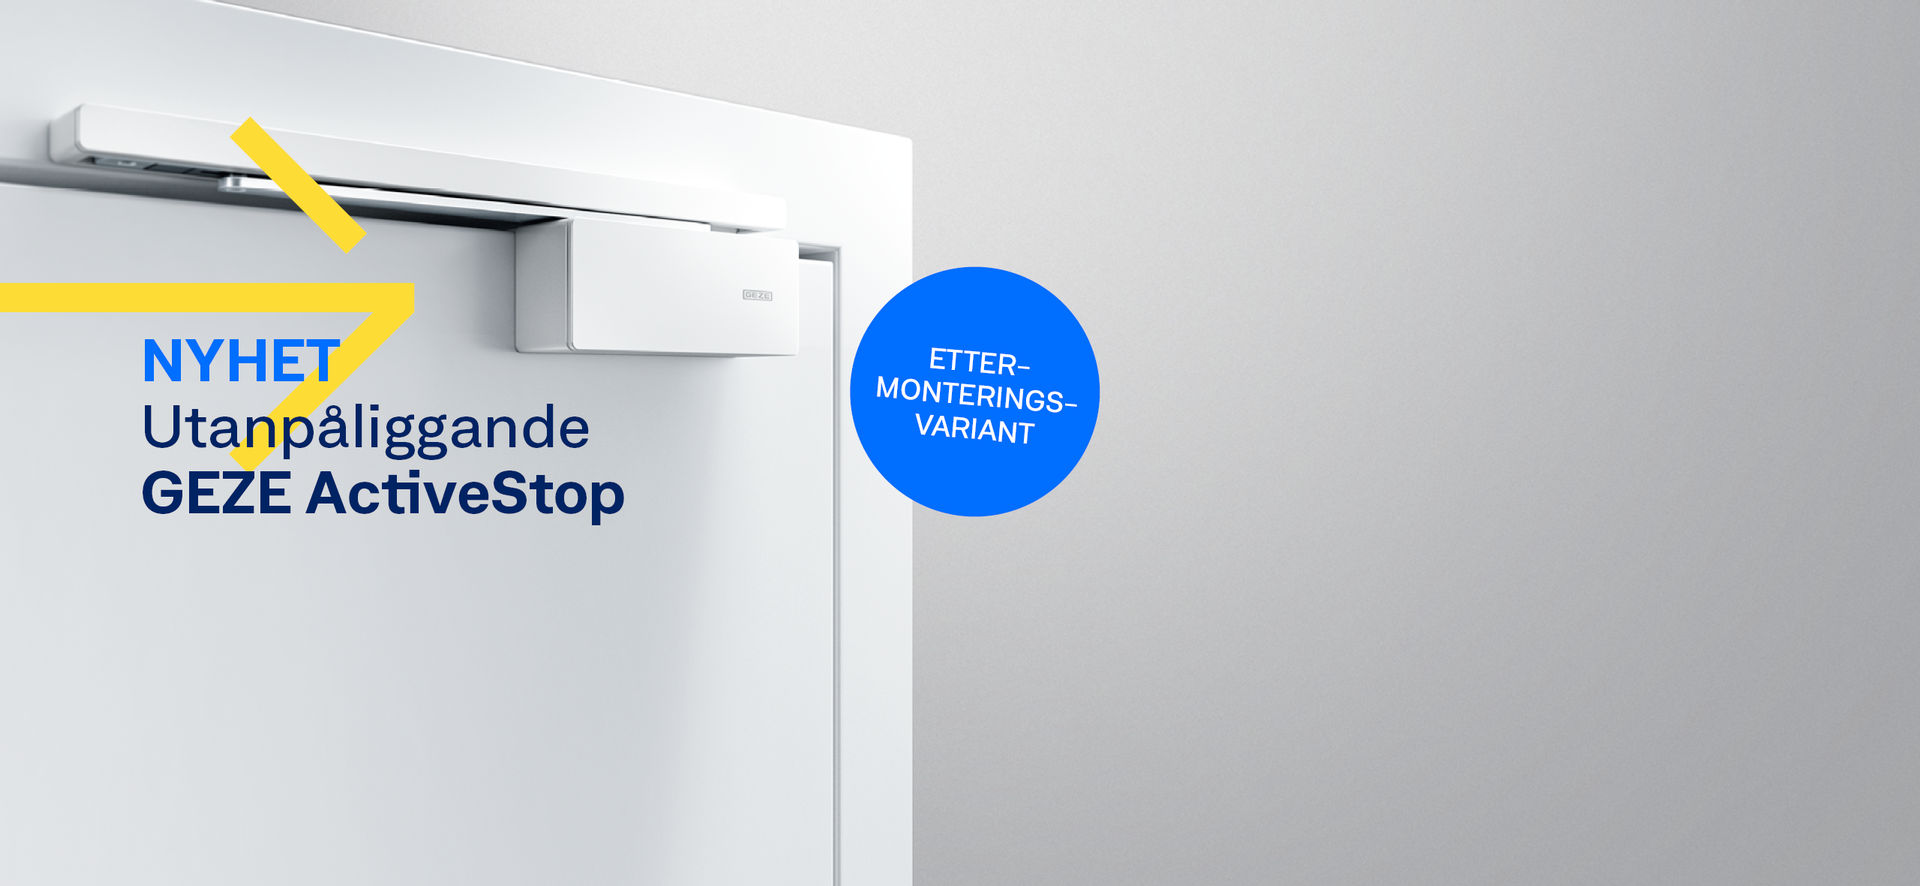 Vår GEZE ActiveStop stopper dører på en myk måte, lukker dem stille og holder dem komfortabelt åpne. I tillegg til de populære integrerte variantene, tilbyr vi nå en påliggende variant som er enkel å ettermontere.